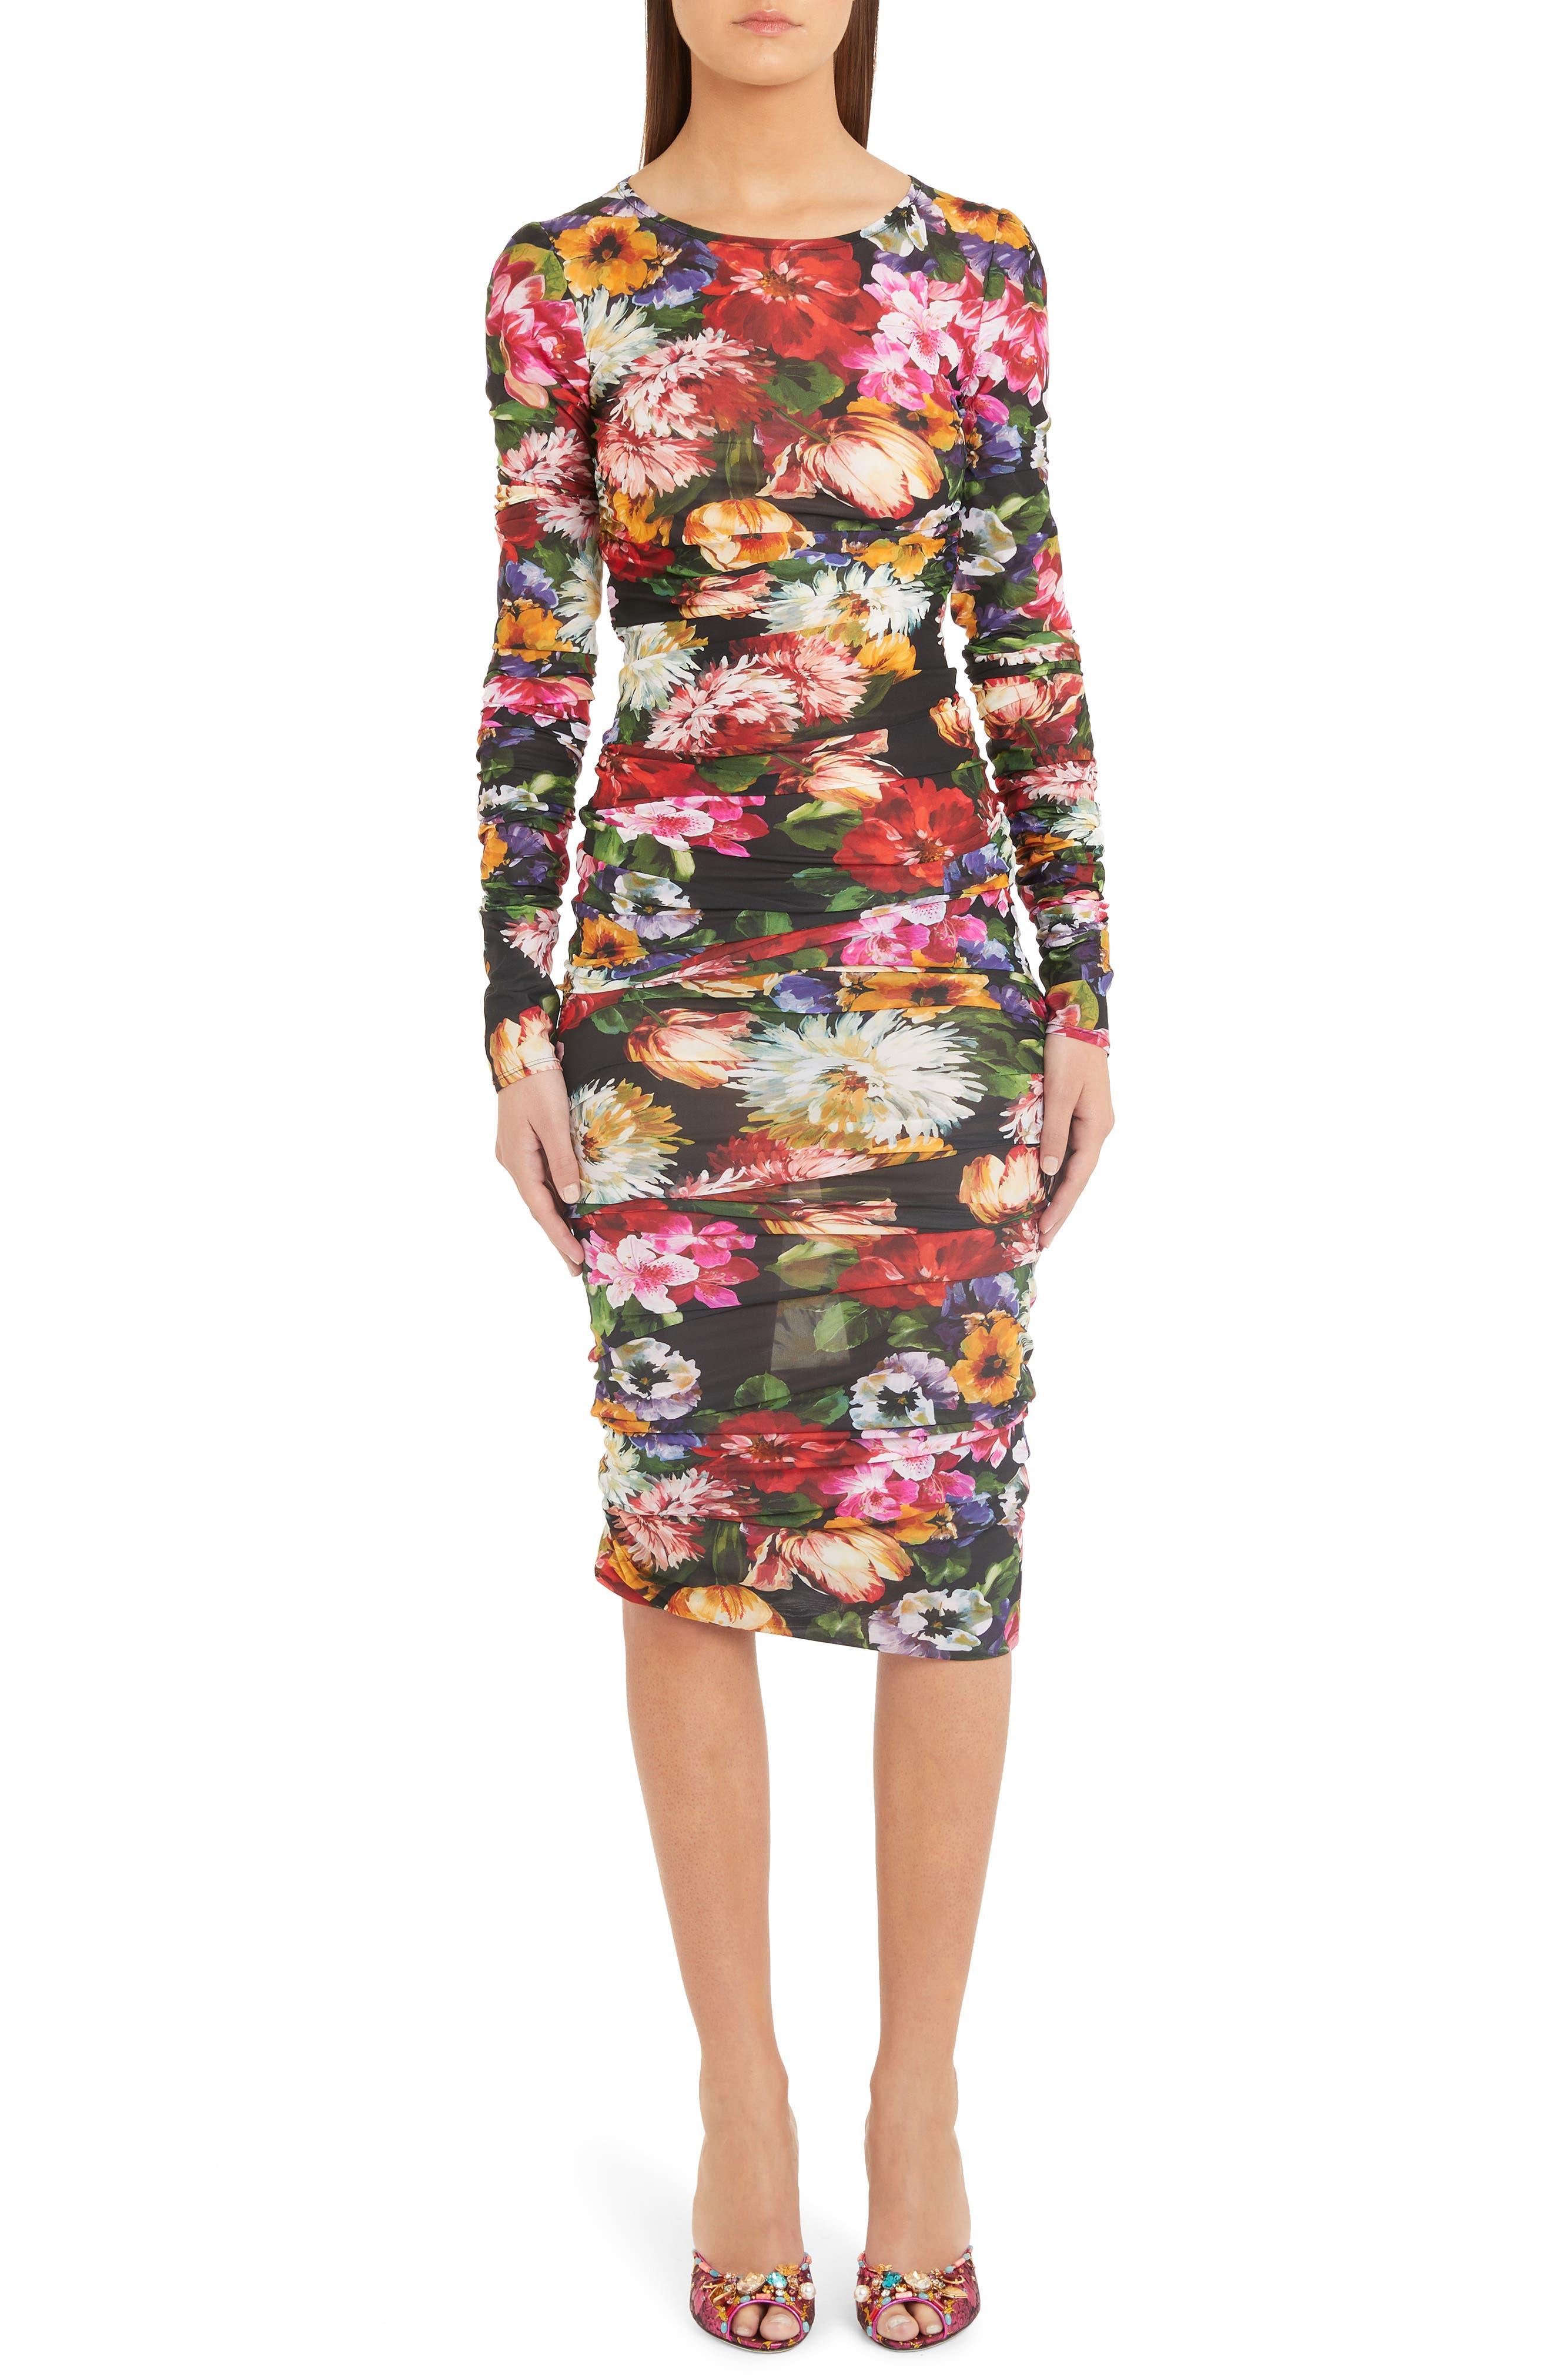 Dolce & gabbana Floral Print Midi Dress, US / 44 IT - Black